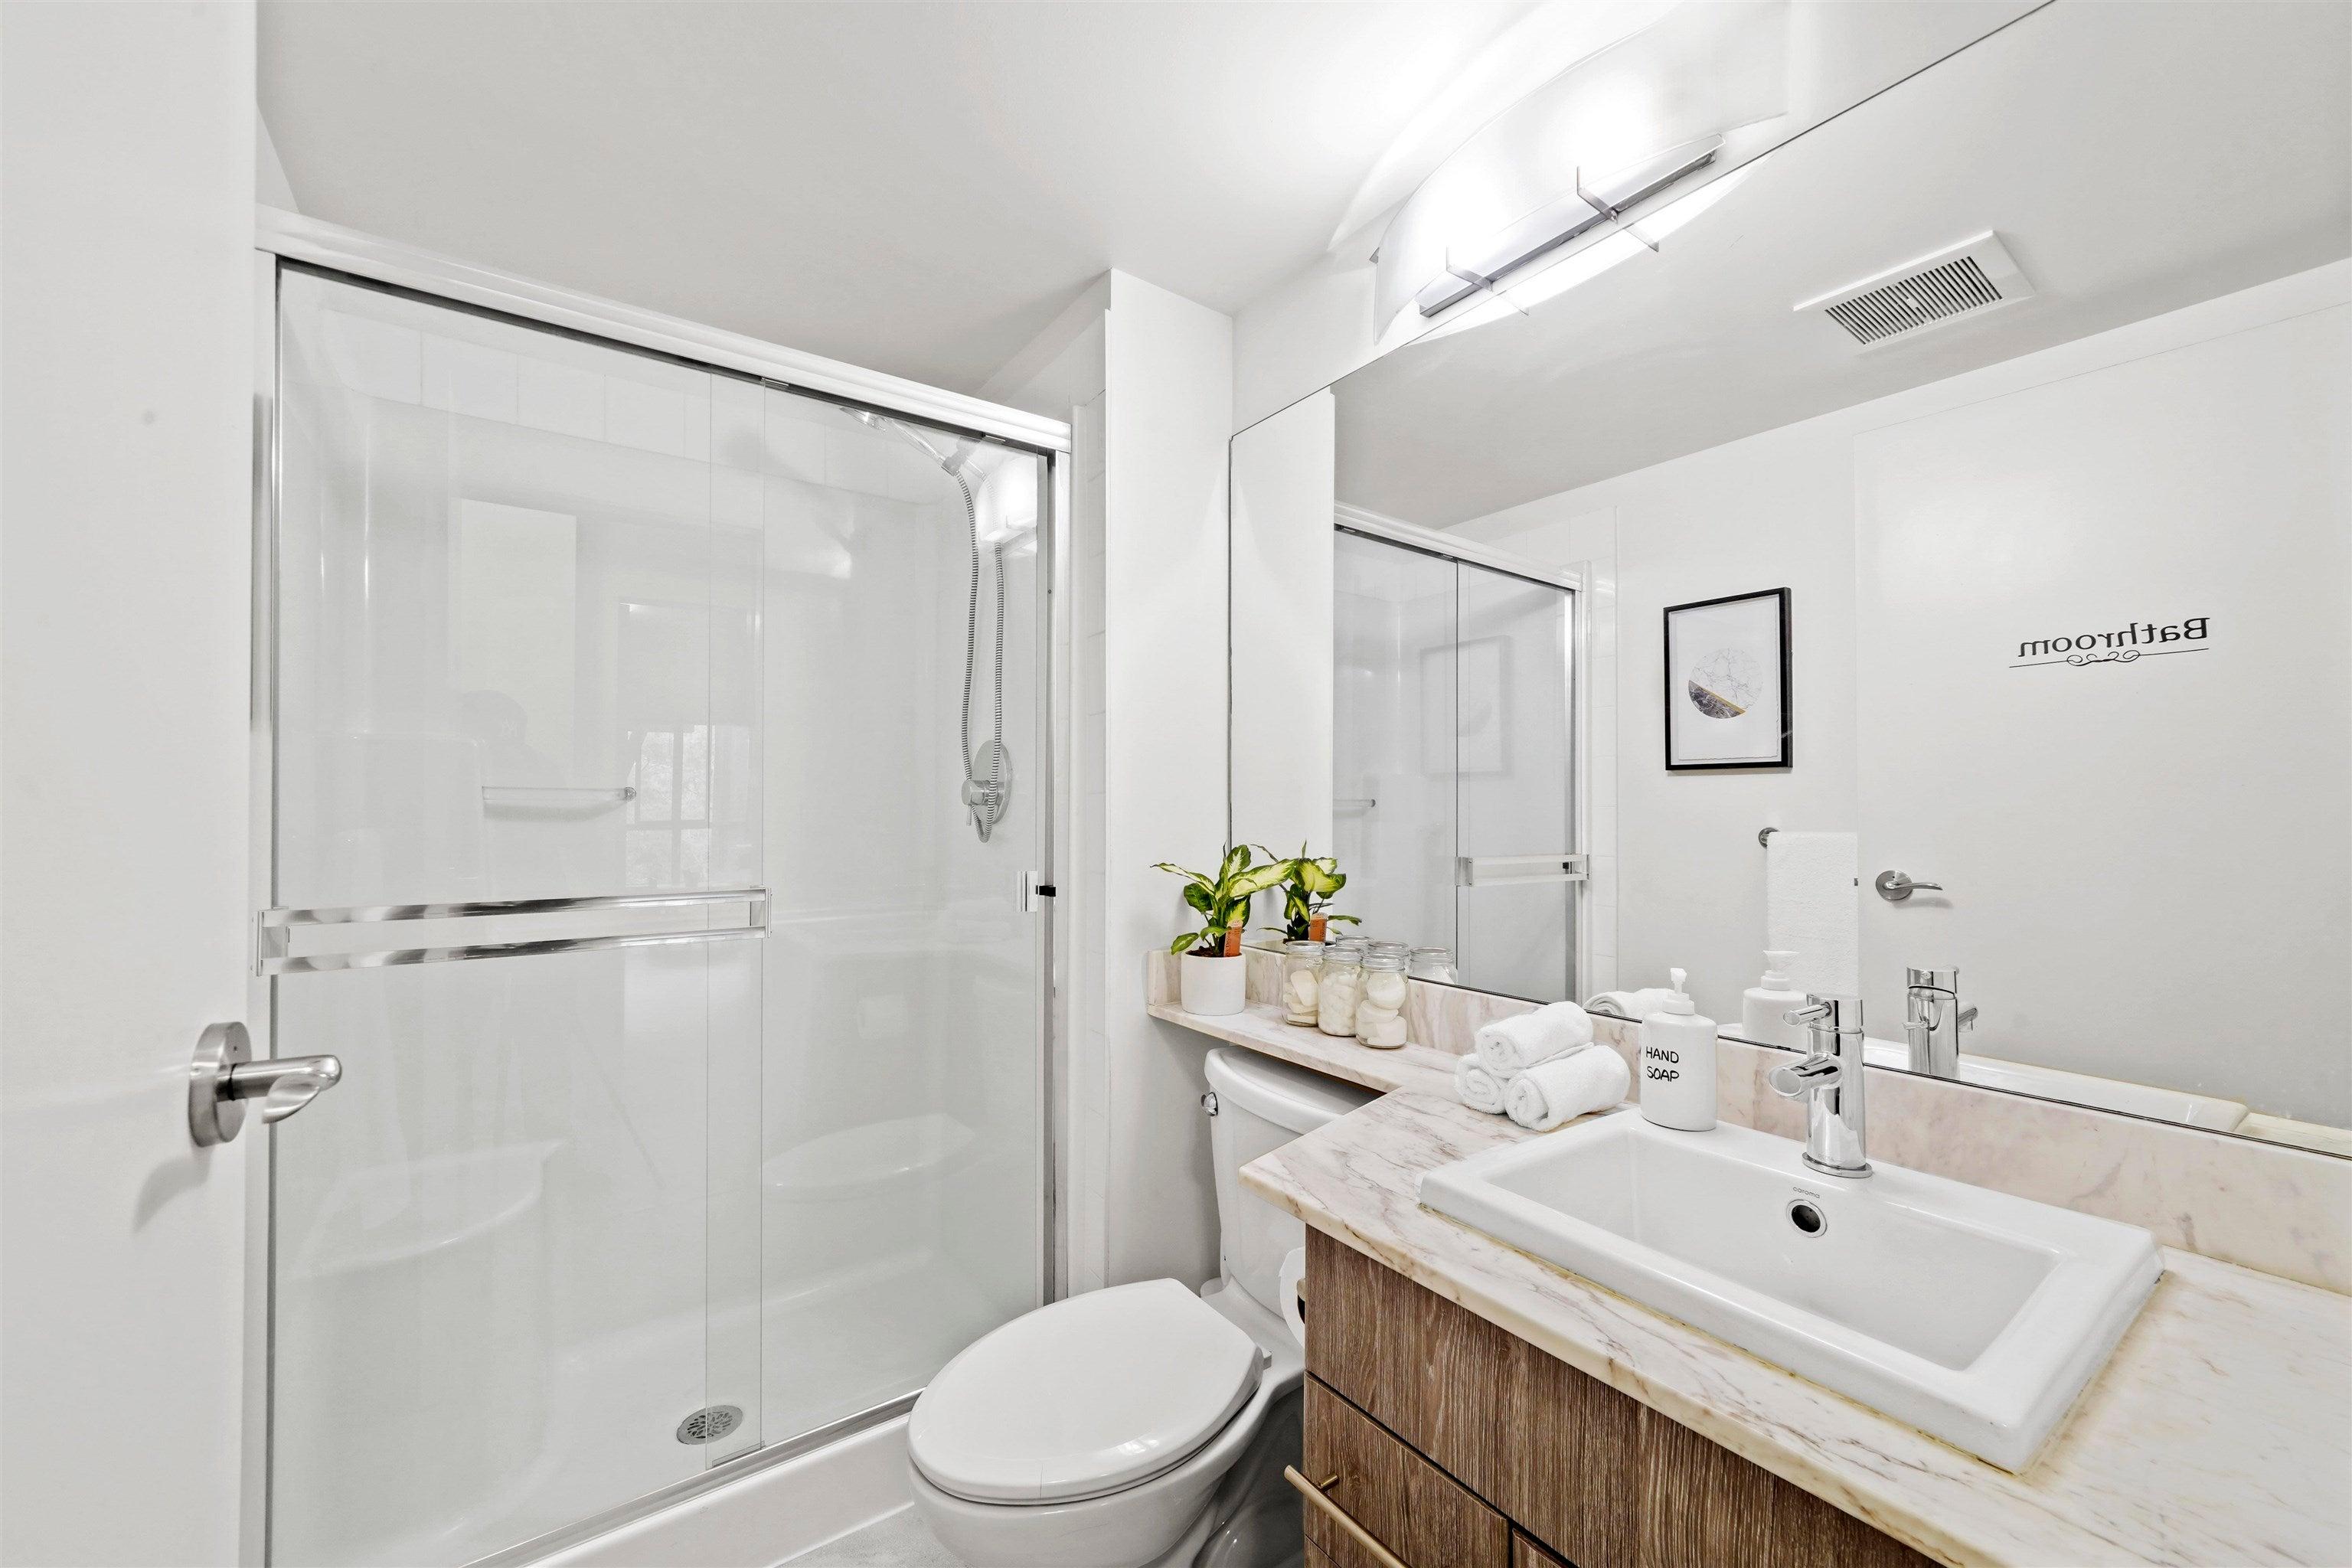 319 1633 MACKAY AVENUE - Pemberton NV Apartment/Condo for sale, 2 Bedrooms (R2624916) - #18